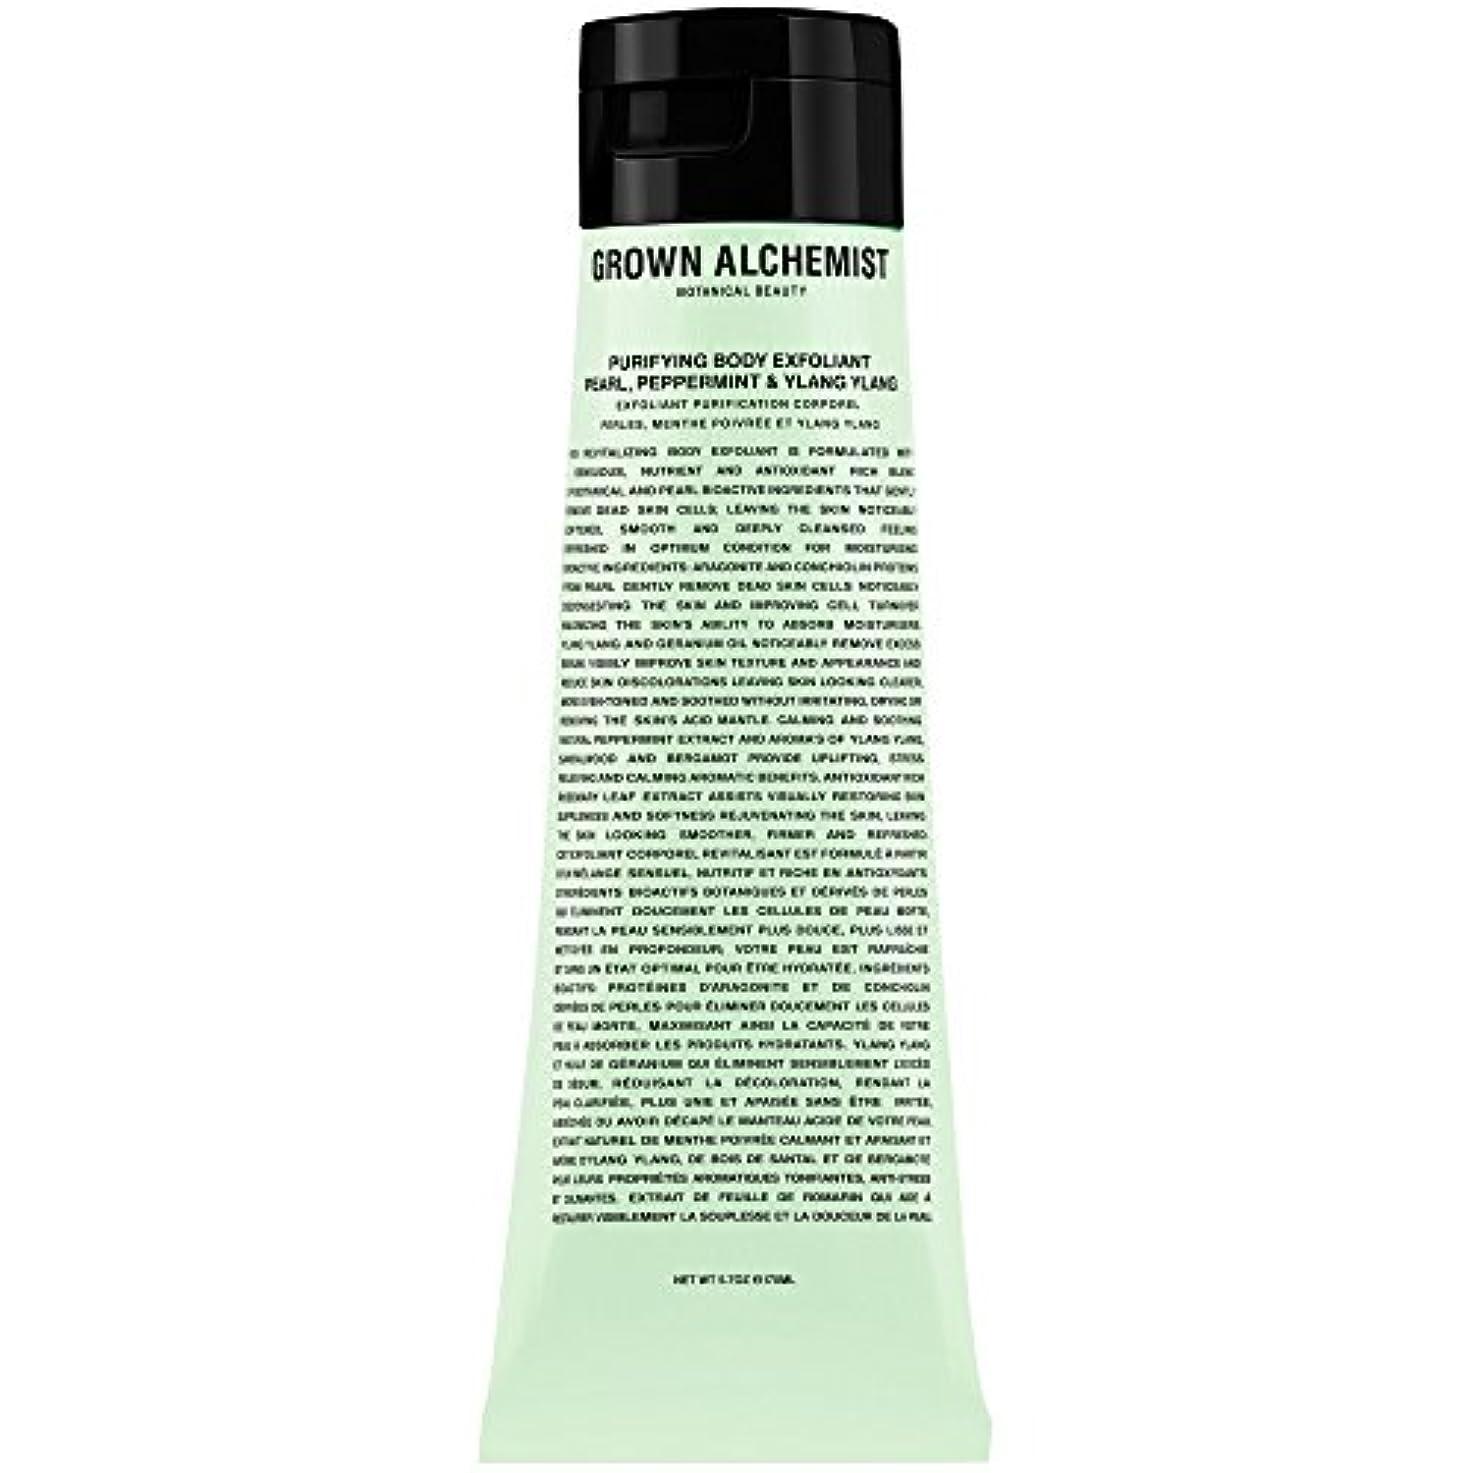 未来ラボ即席成長した錬金術師浄化体剥脱真珠ペパーミント&イランイラン170ミリリットル (Grown Alchemist) (x2) - Grown Alchemist Purifying Body Exfoliant Pearl...